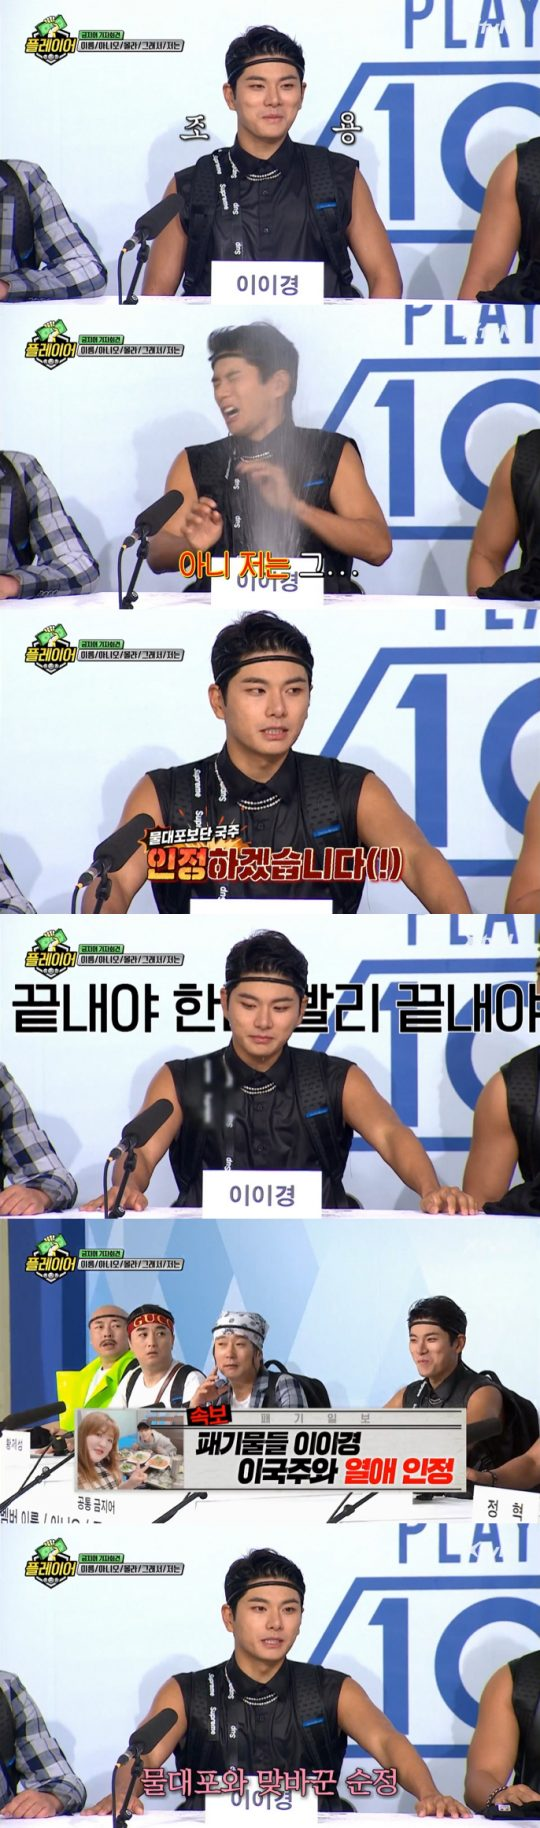 '플레이어' 이이경. /사진=tvN 방송 캡처